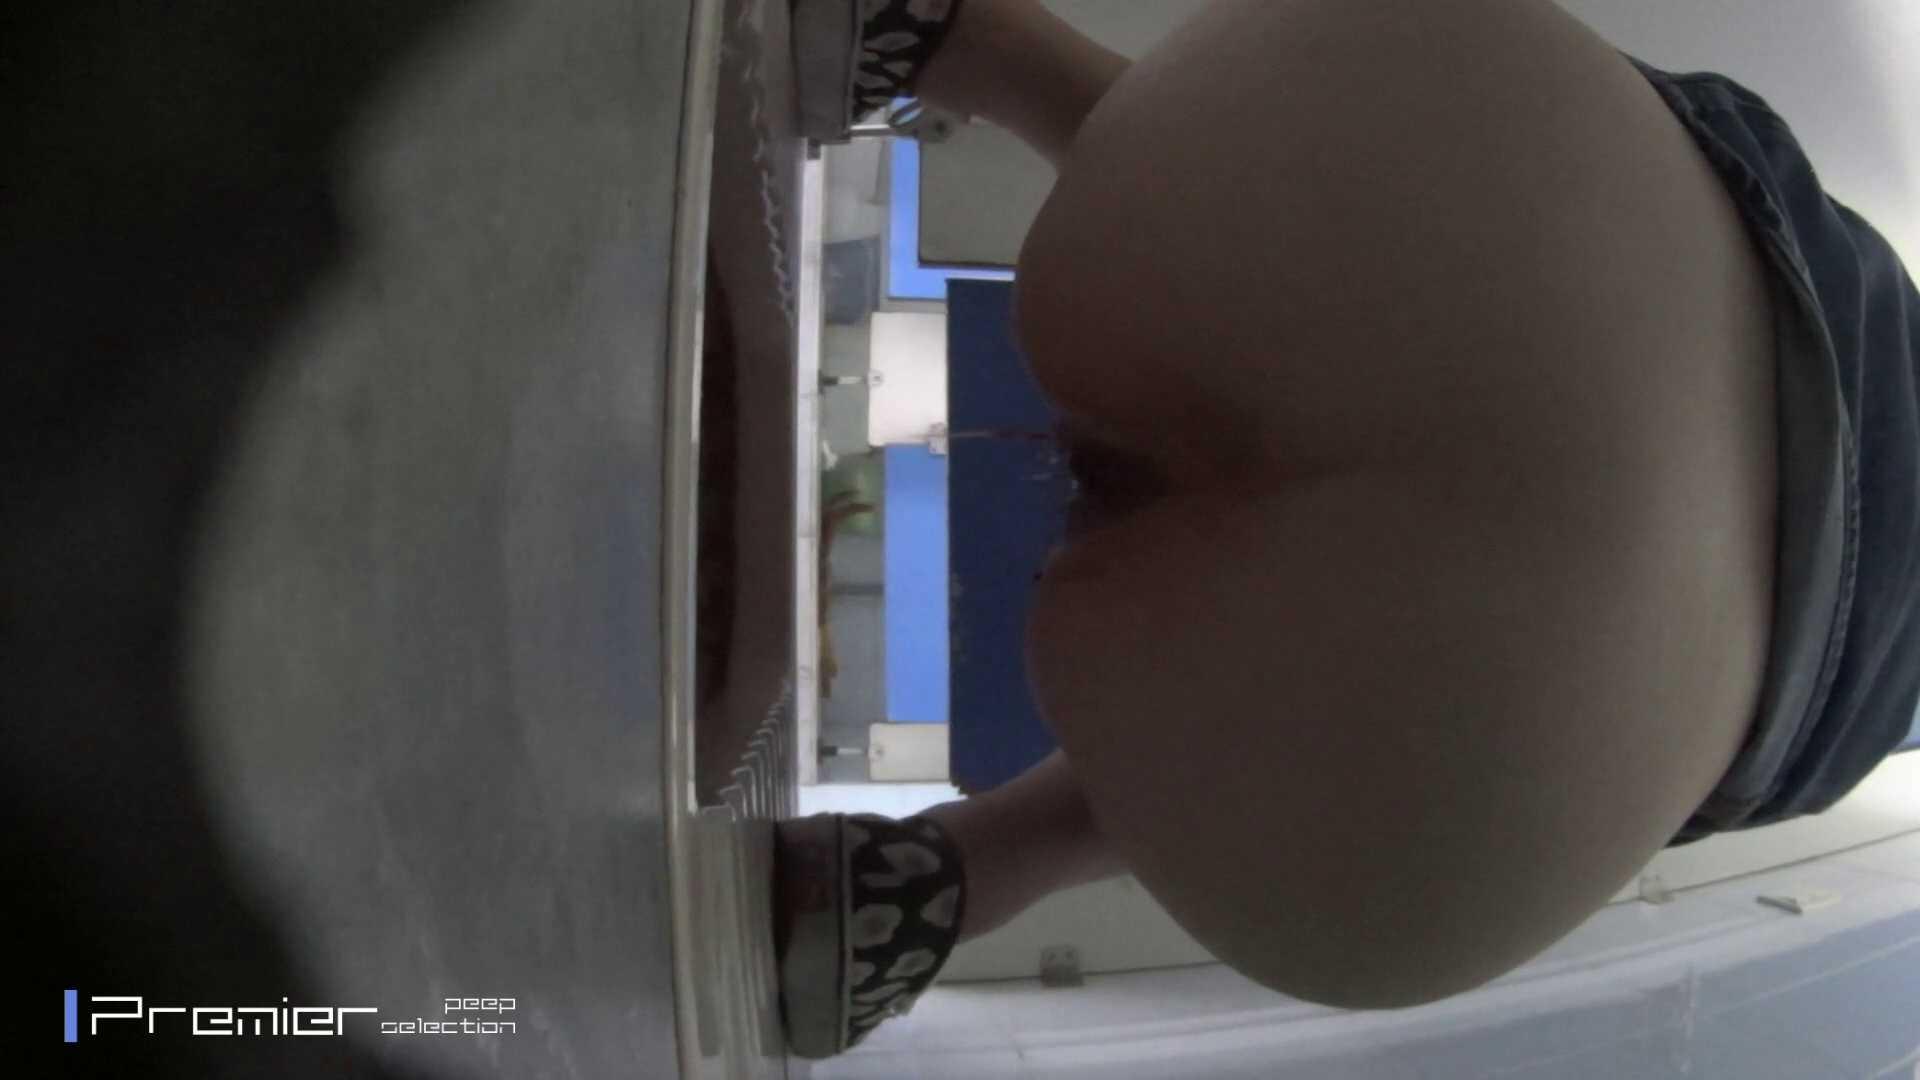 生理用ナプキン交換 大学休憩時間の洗面所事情77 美女達のヌード   お姉さん達のヌード  98連発 37